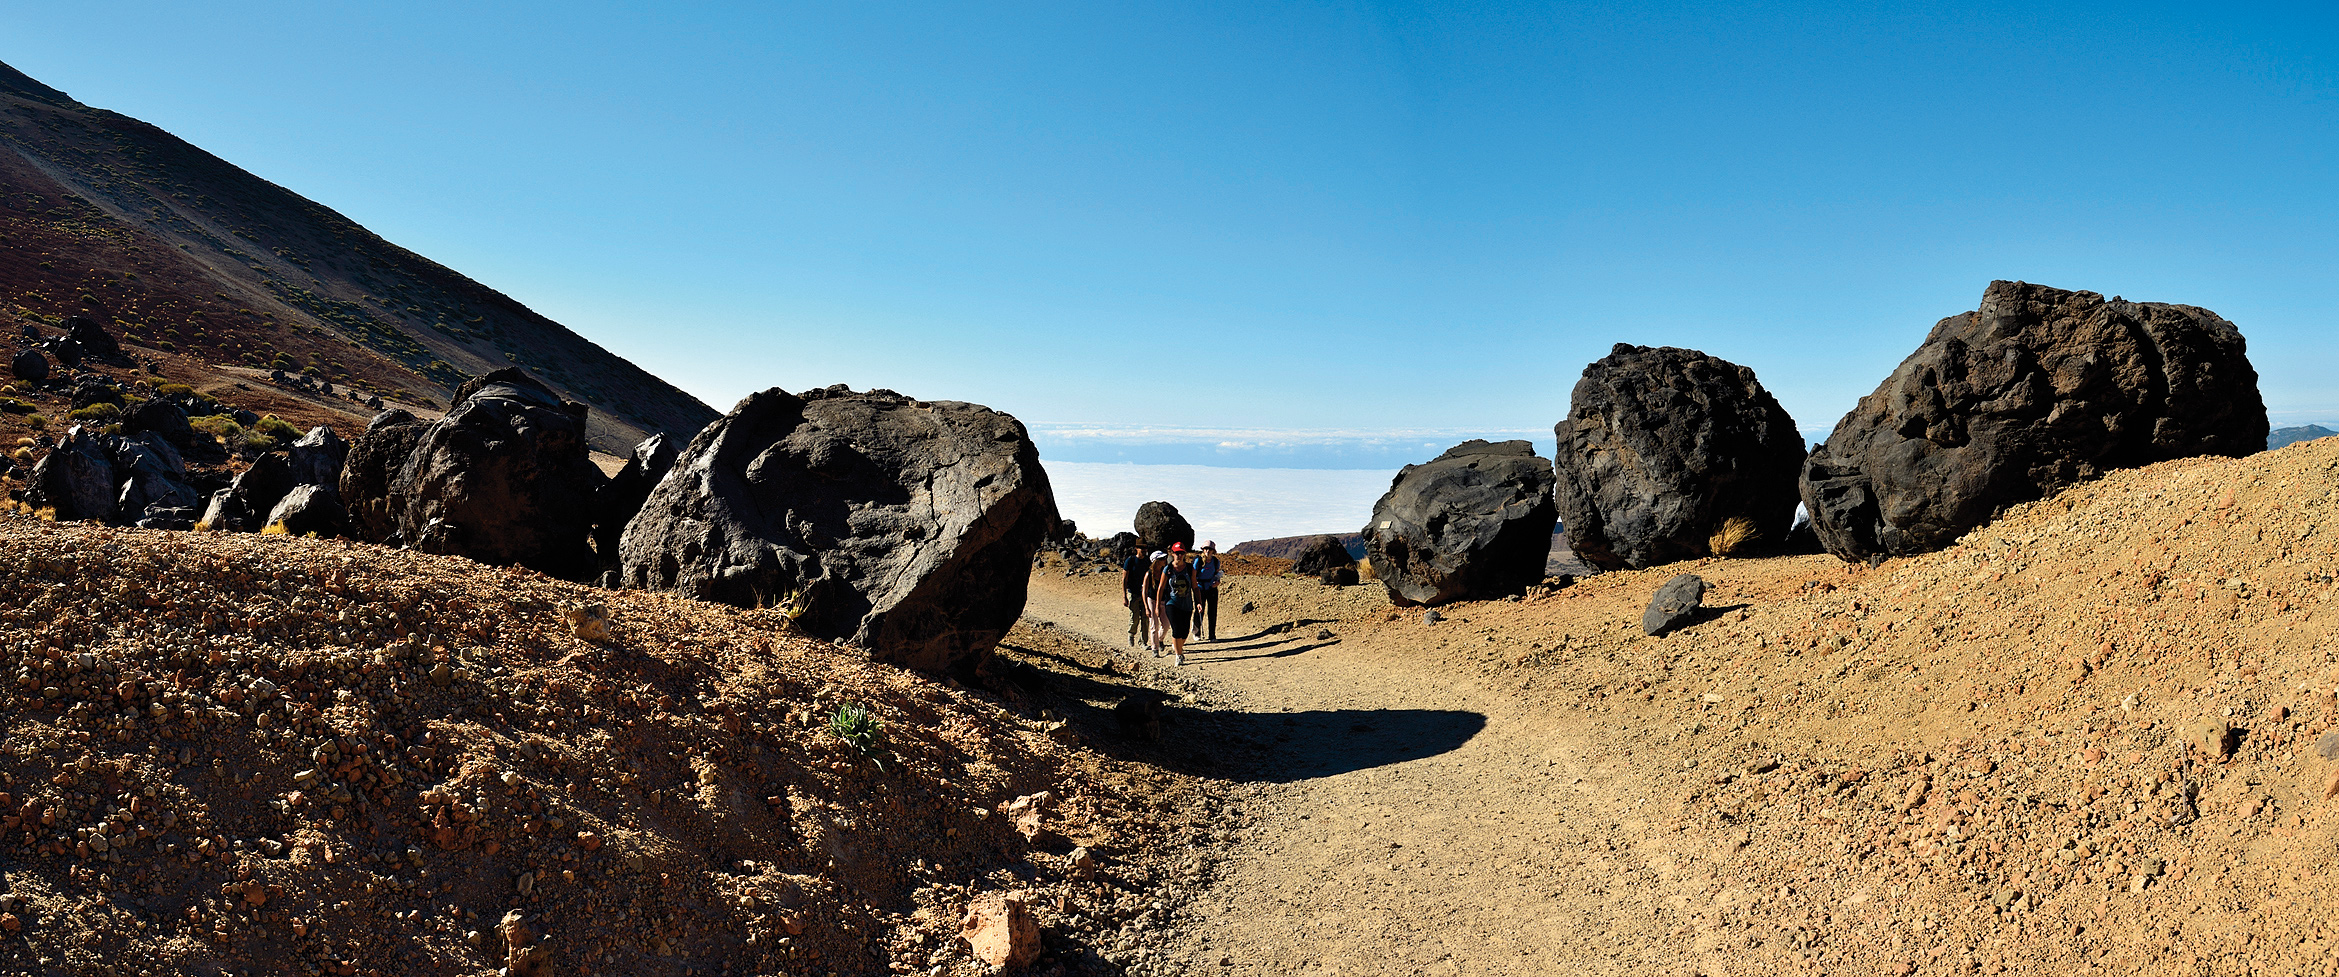 Montaña Blanca trail: Climbing Teide without permit